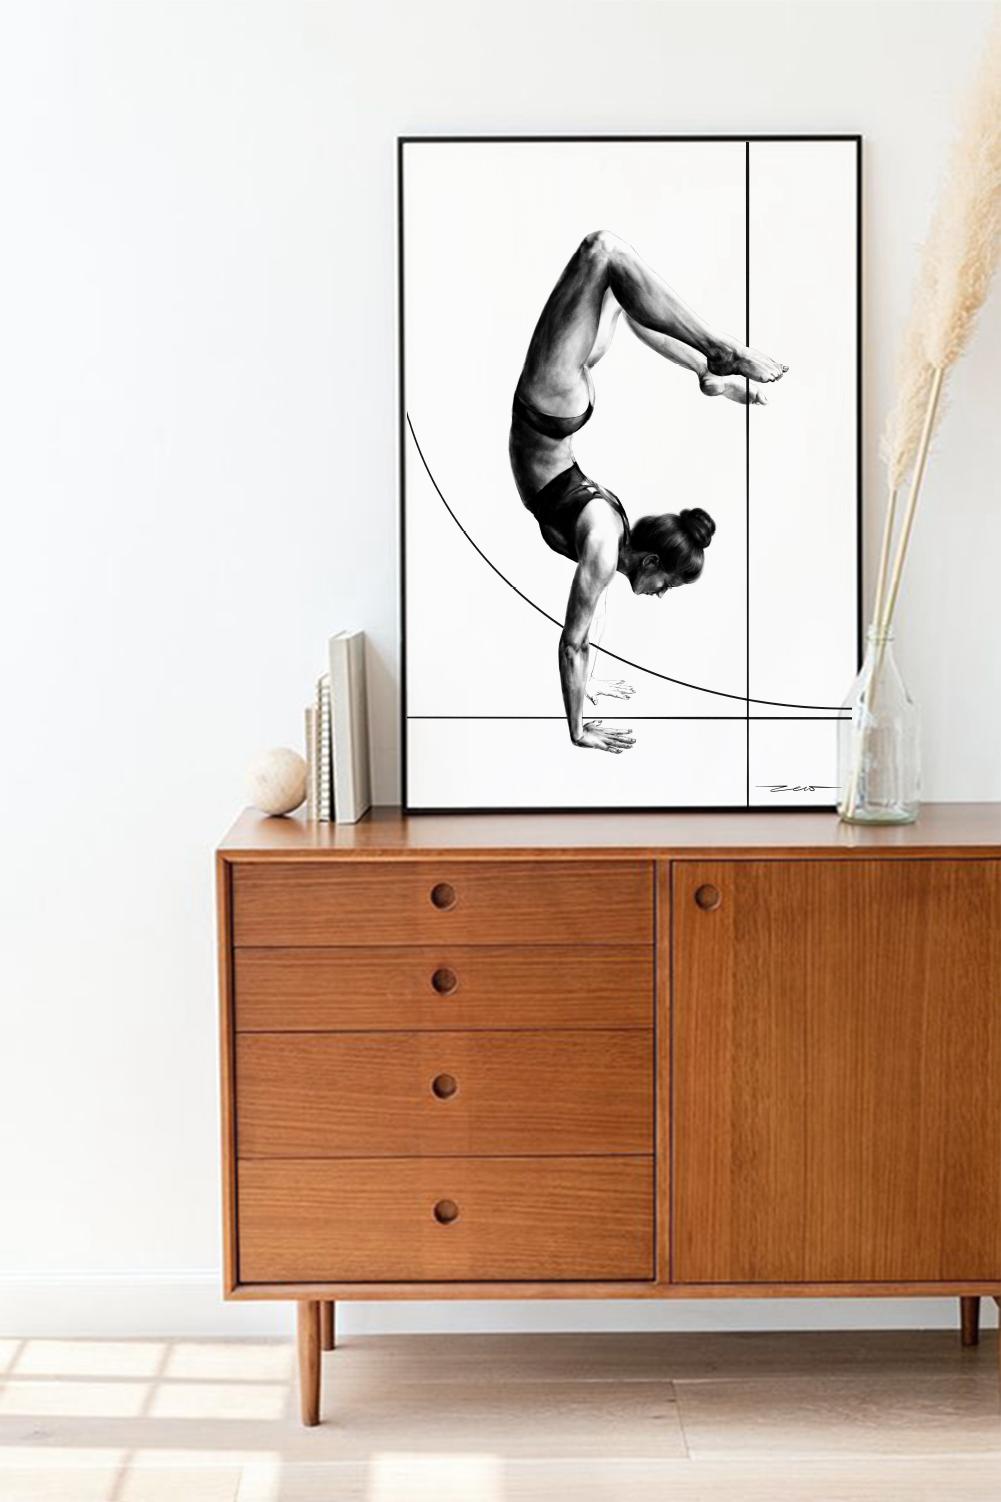 plakat joga | Vrschikasana | pozycja Skorpiona - zew.gallery | JestemSlow.pl